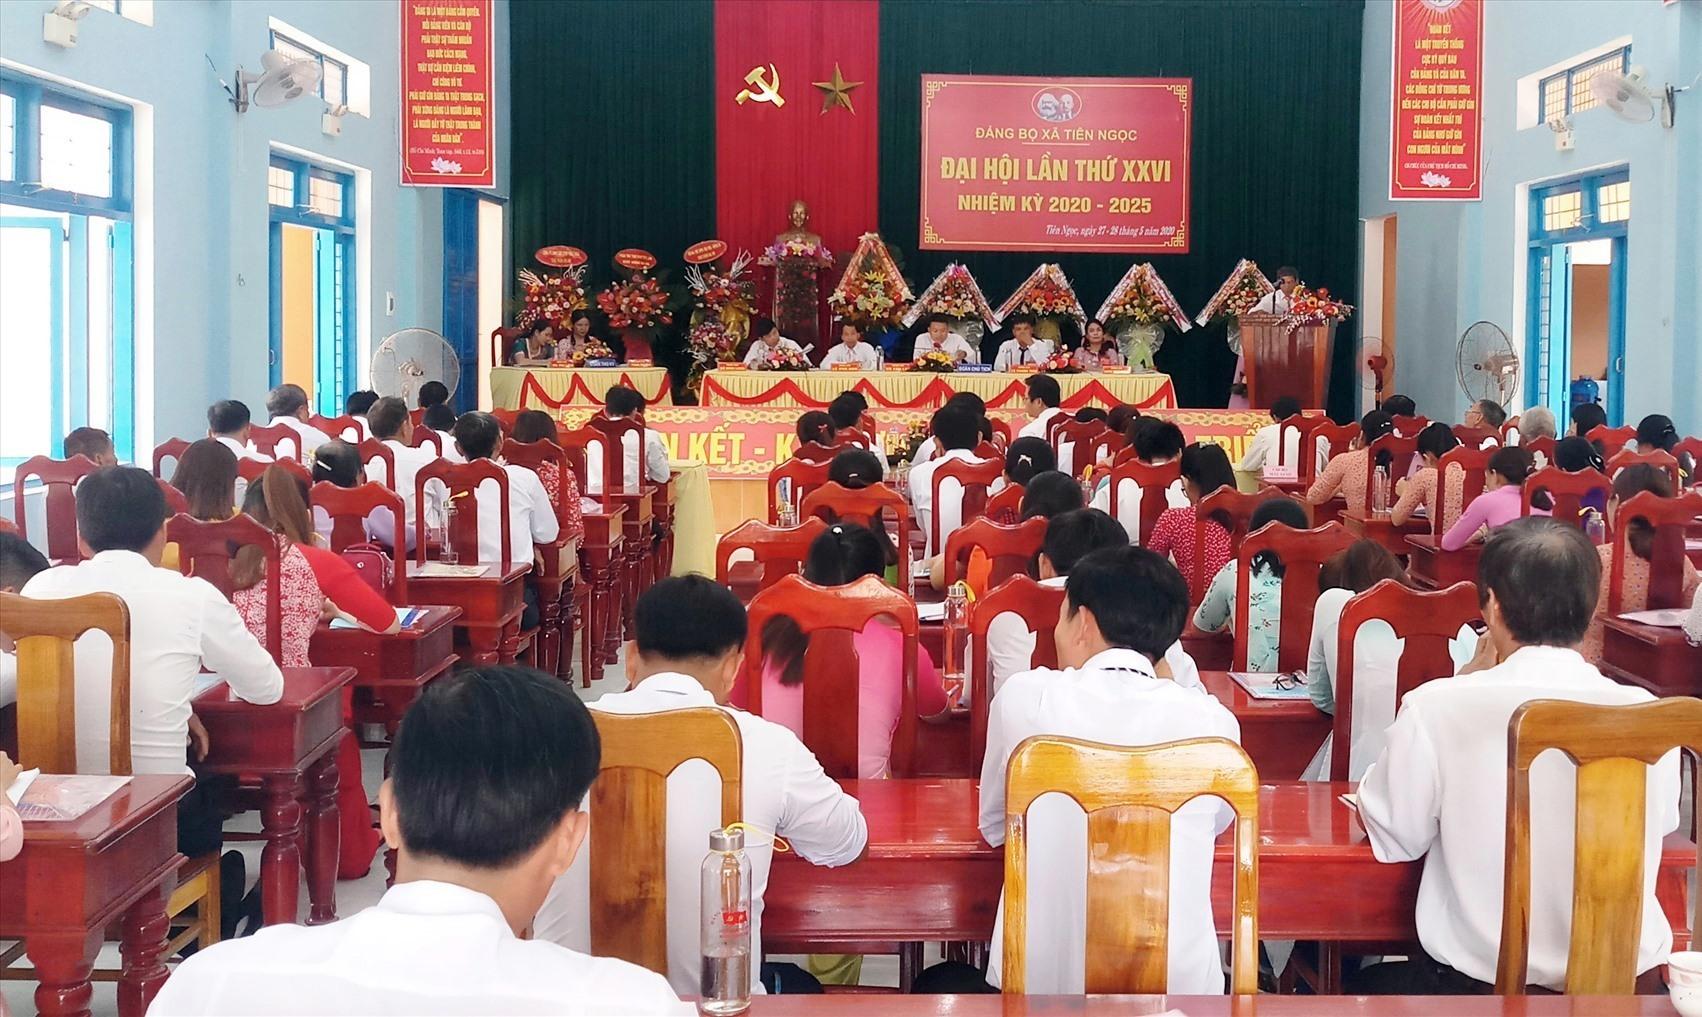 Đảng bộ xã Tiên Ngọc (Tiên Phước) tổ chức Đại hội lần thứ XXVI, nhiệm kỳ 2020 - 2025